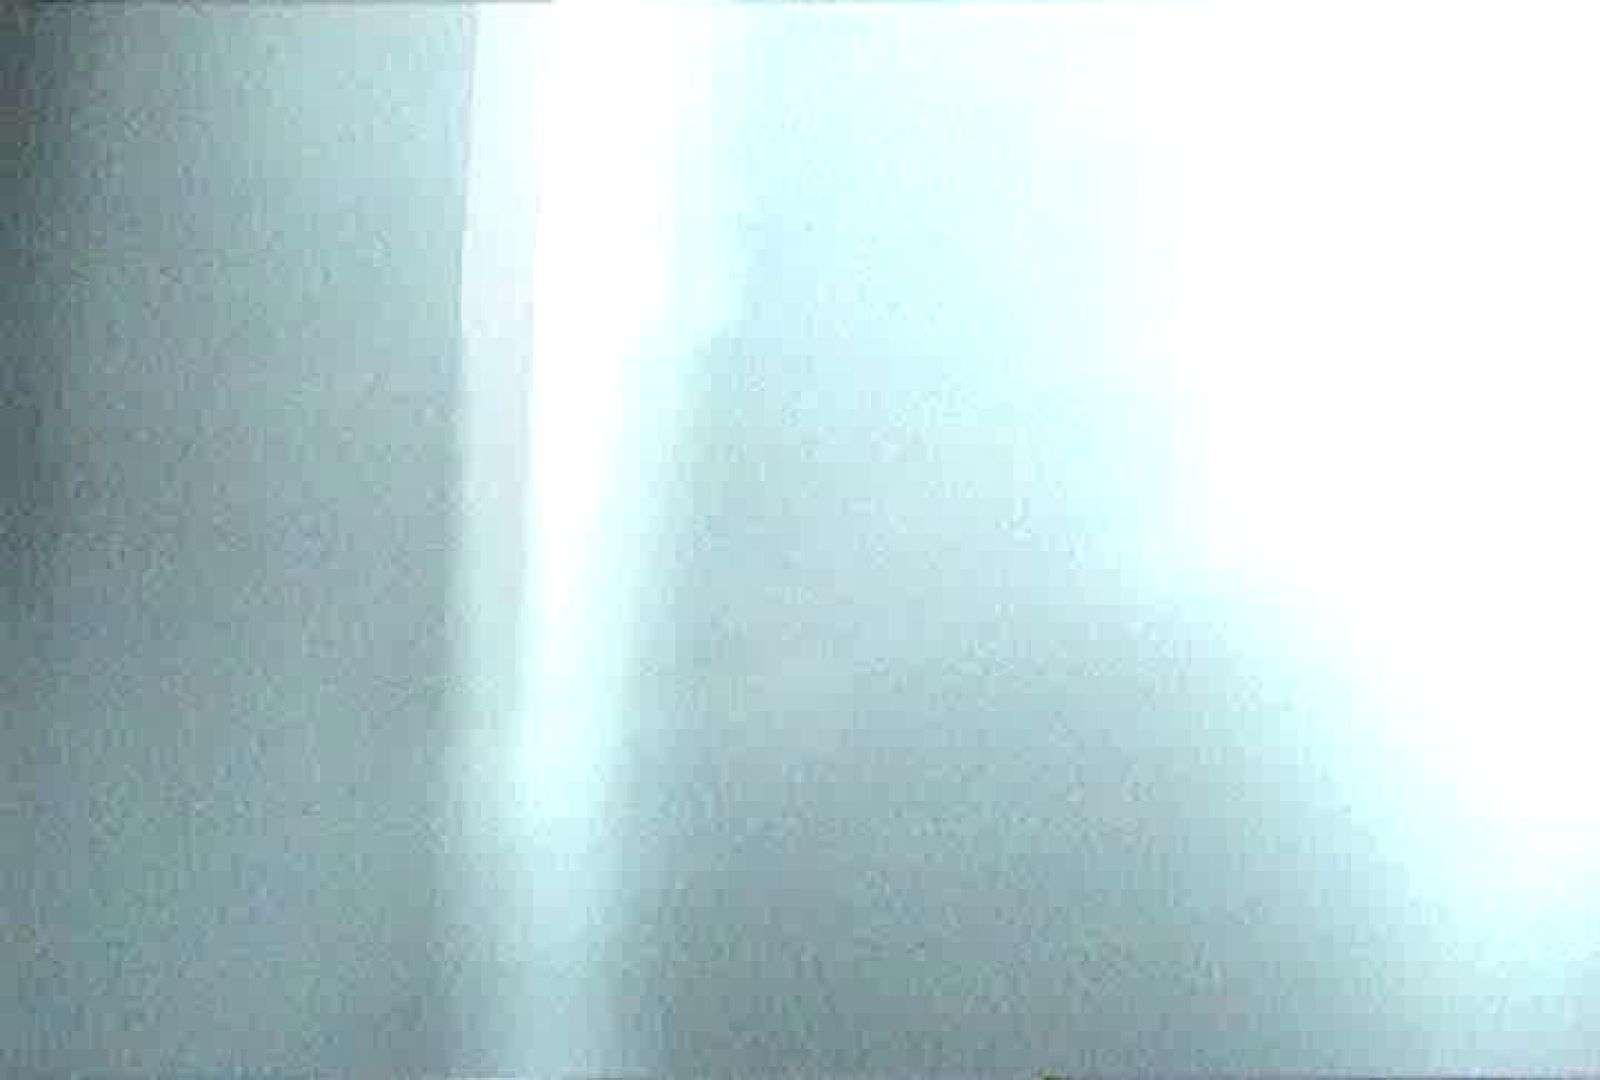 充血監督の深夜の運動会Vol.90 淫乱 AV無料動画キャプチャ 110画像 44